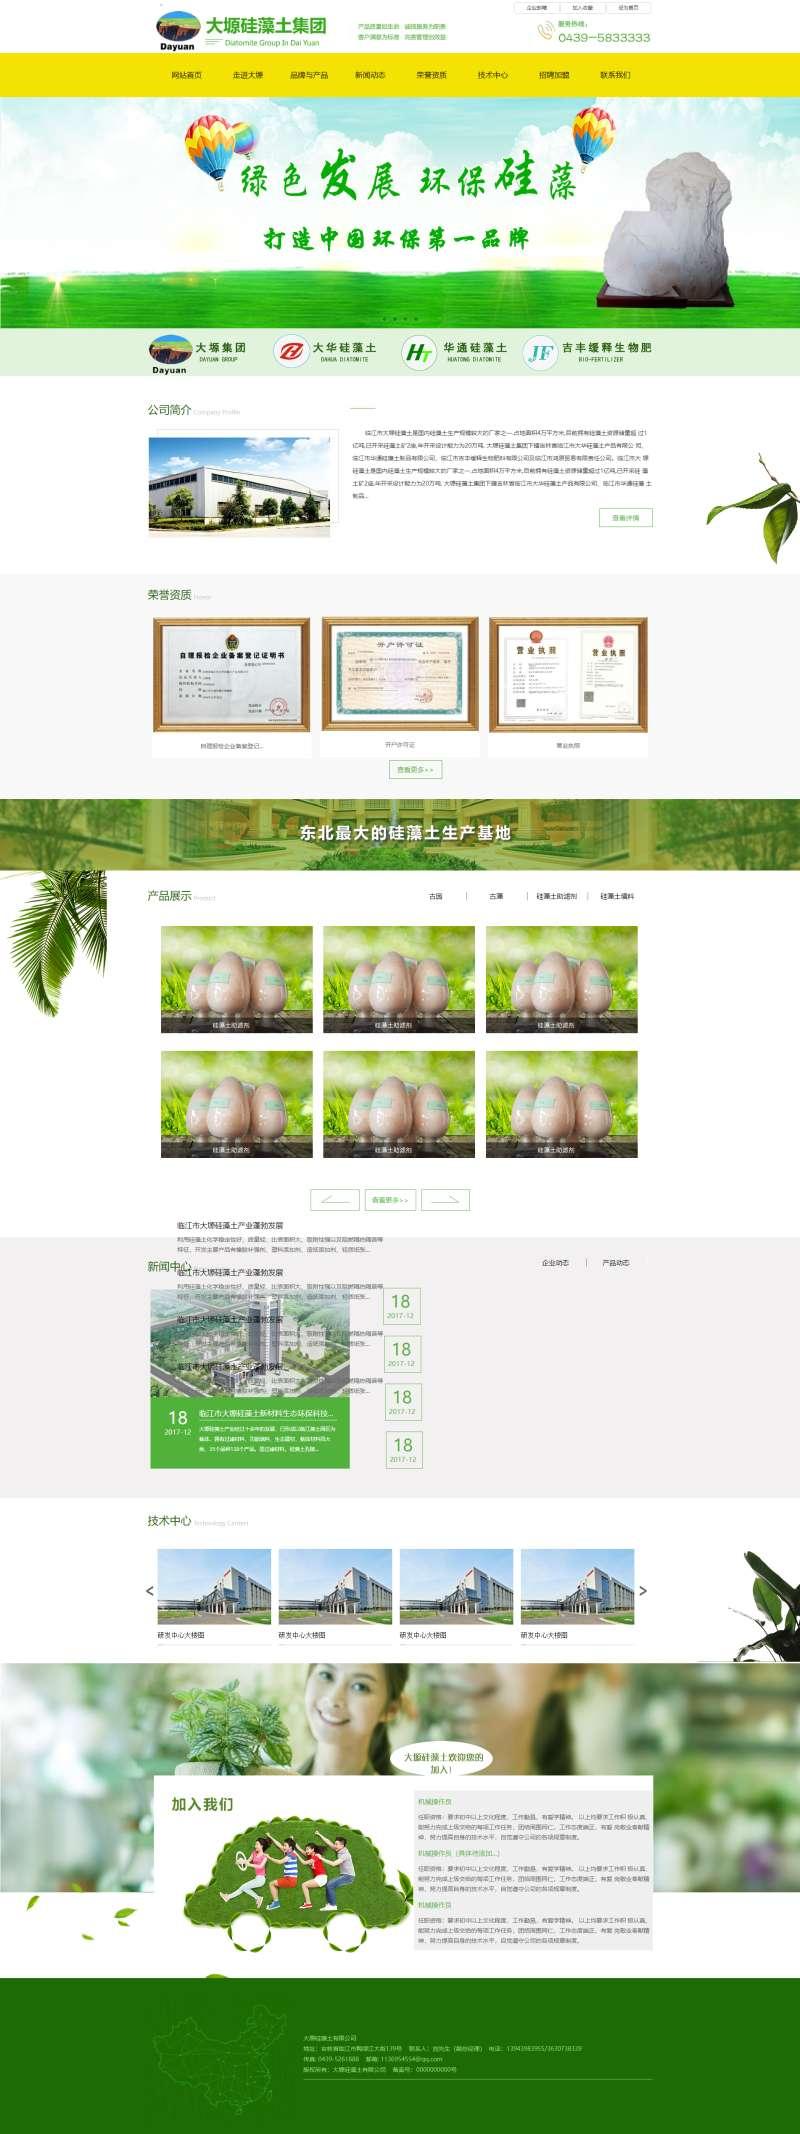 绿色的环保材料企业网站源代码